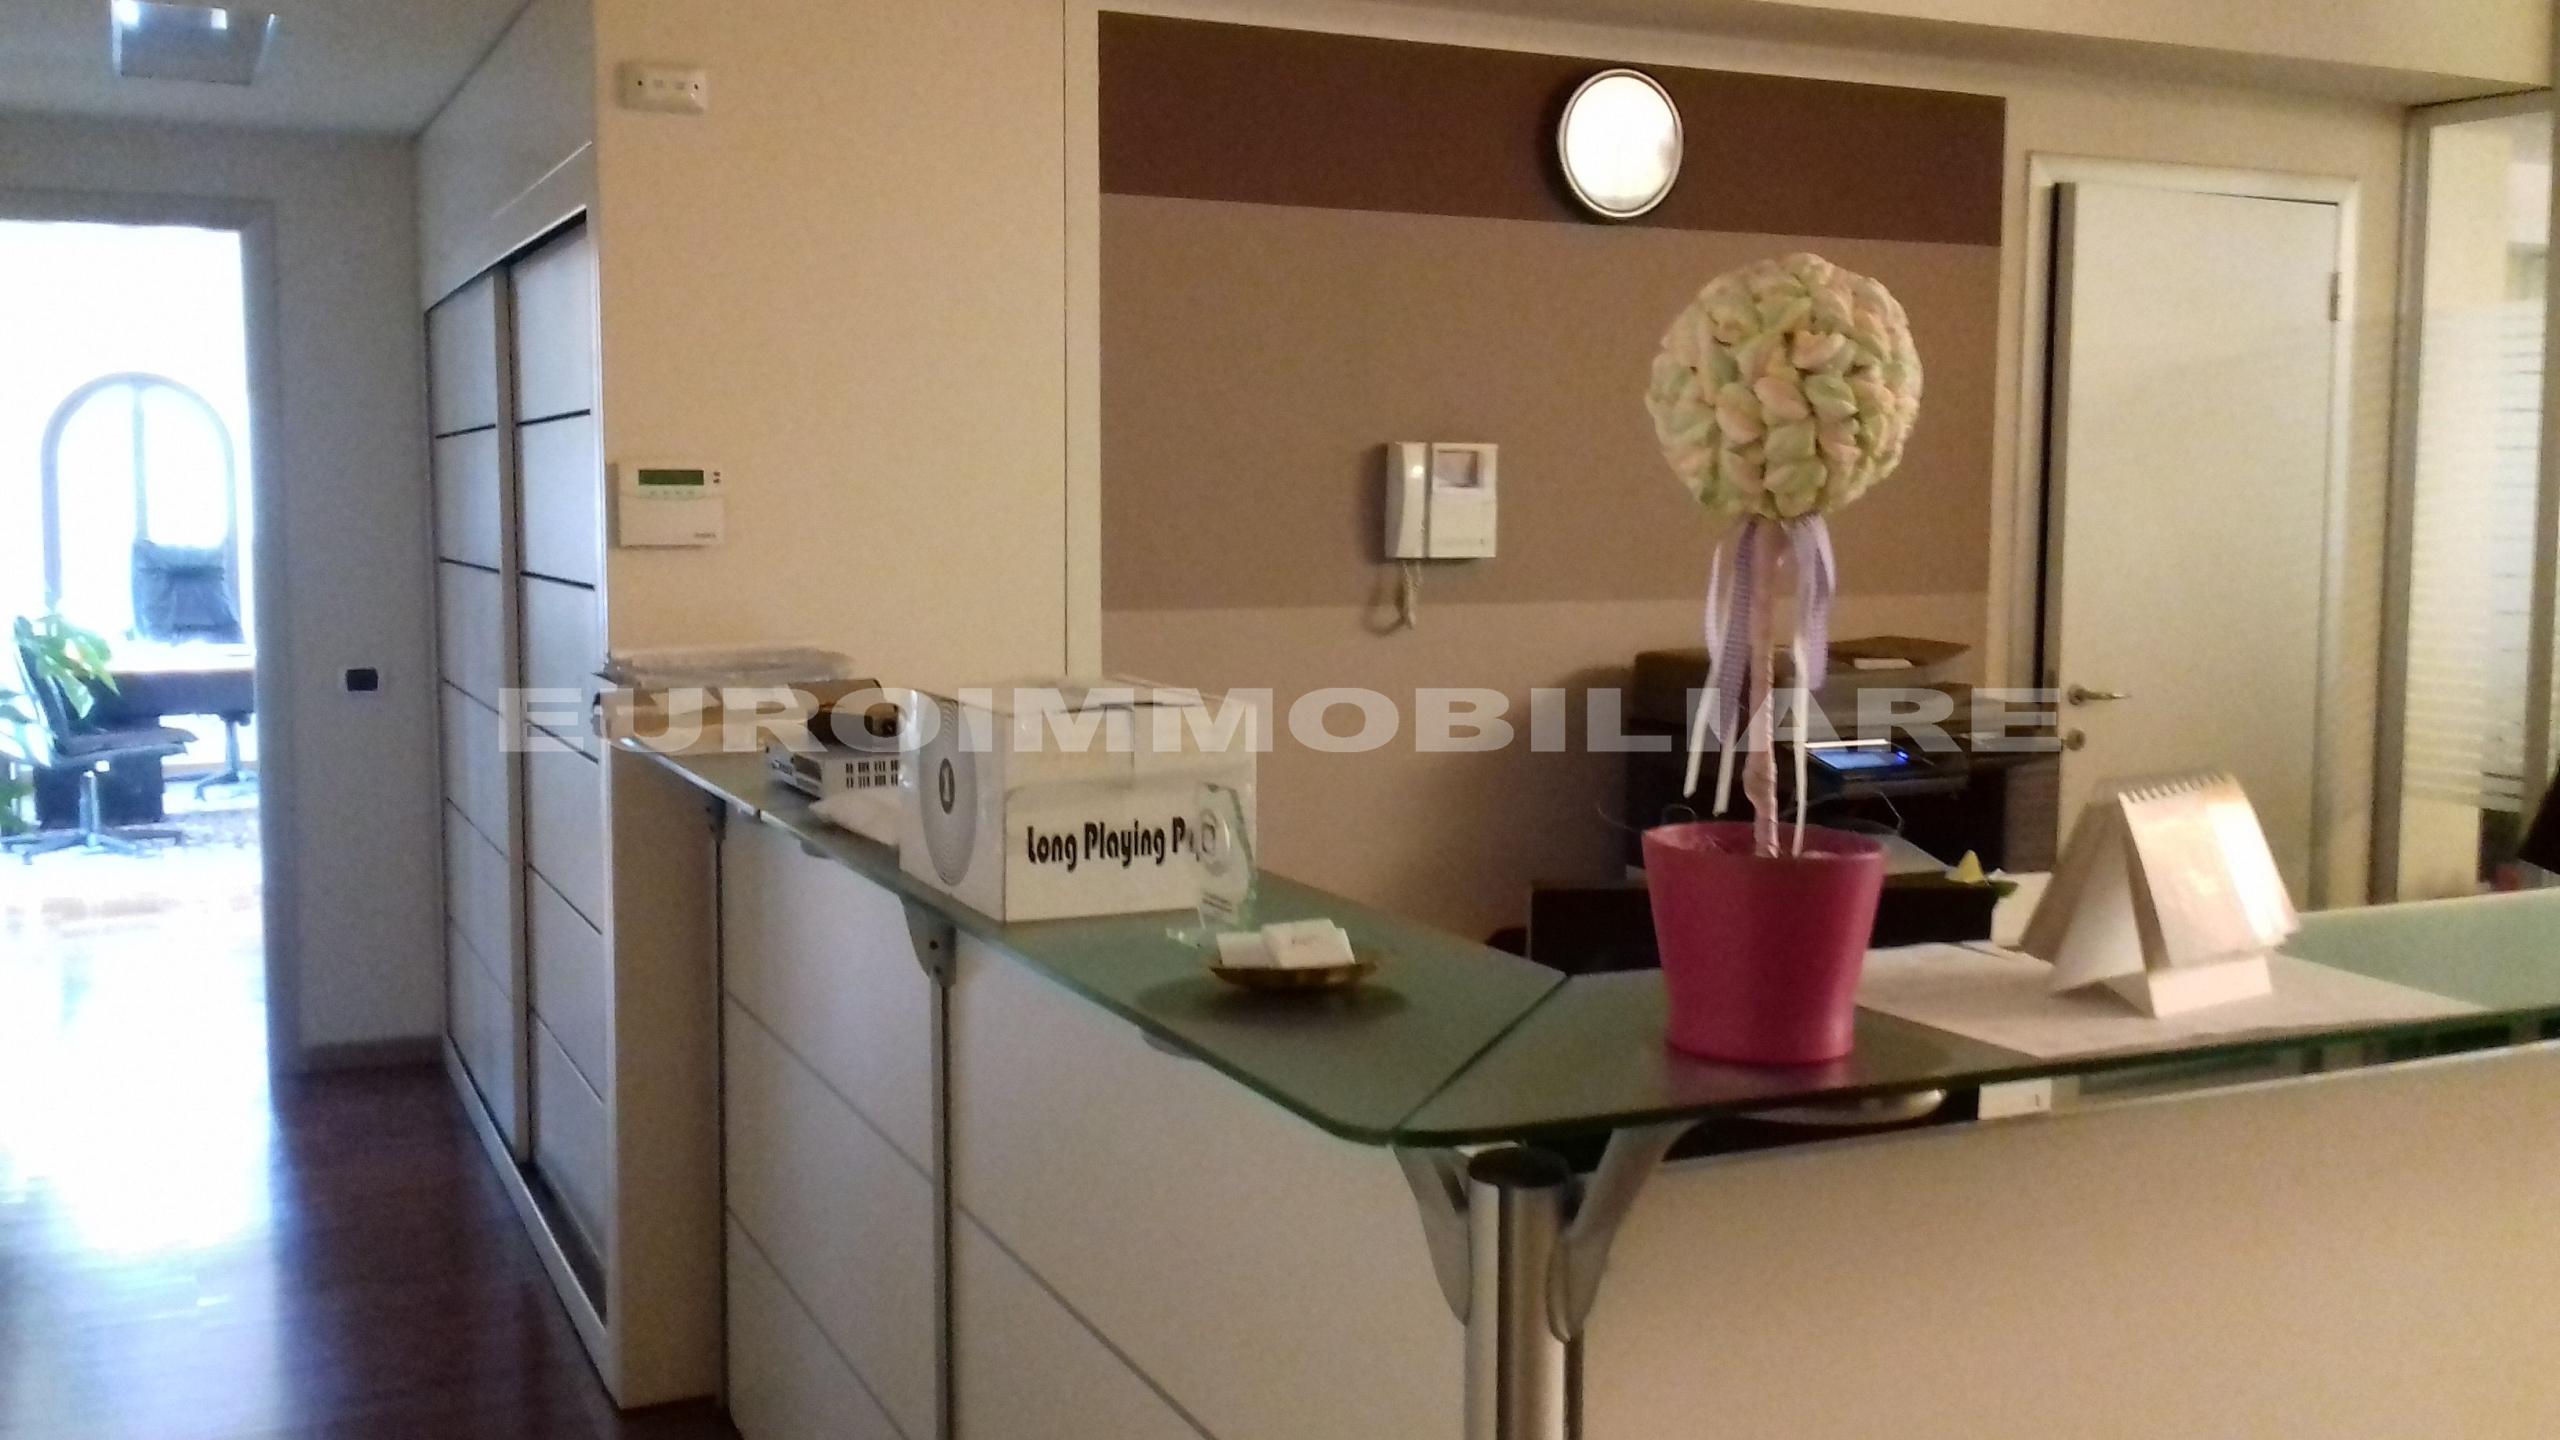 Ufficio a Brescia